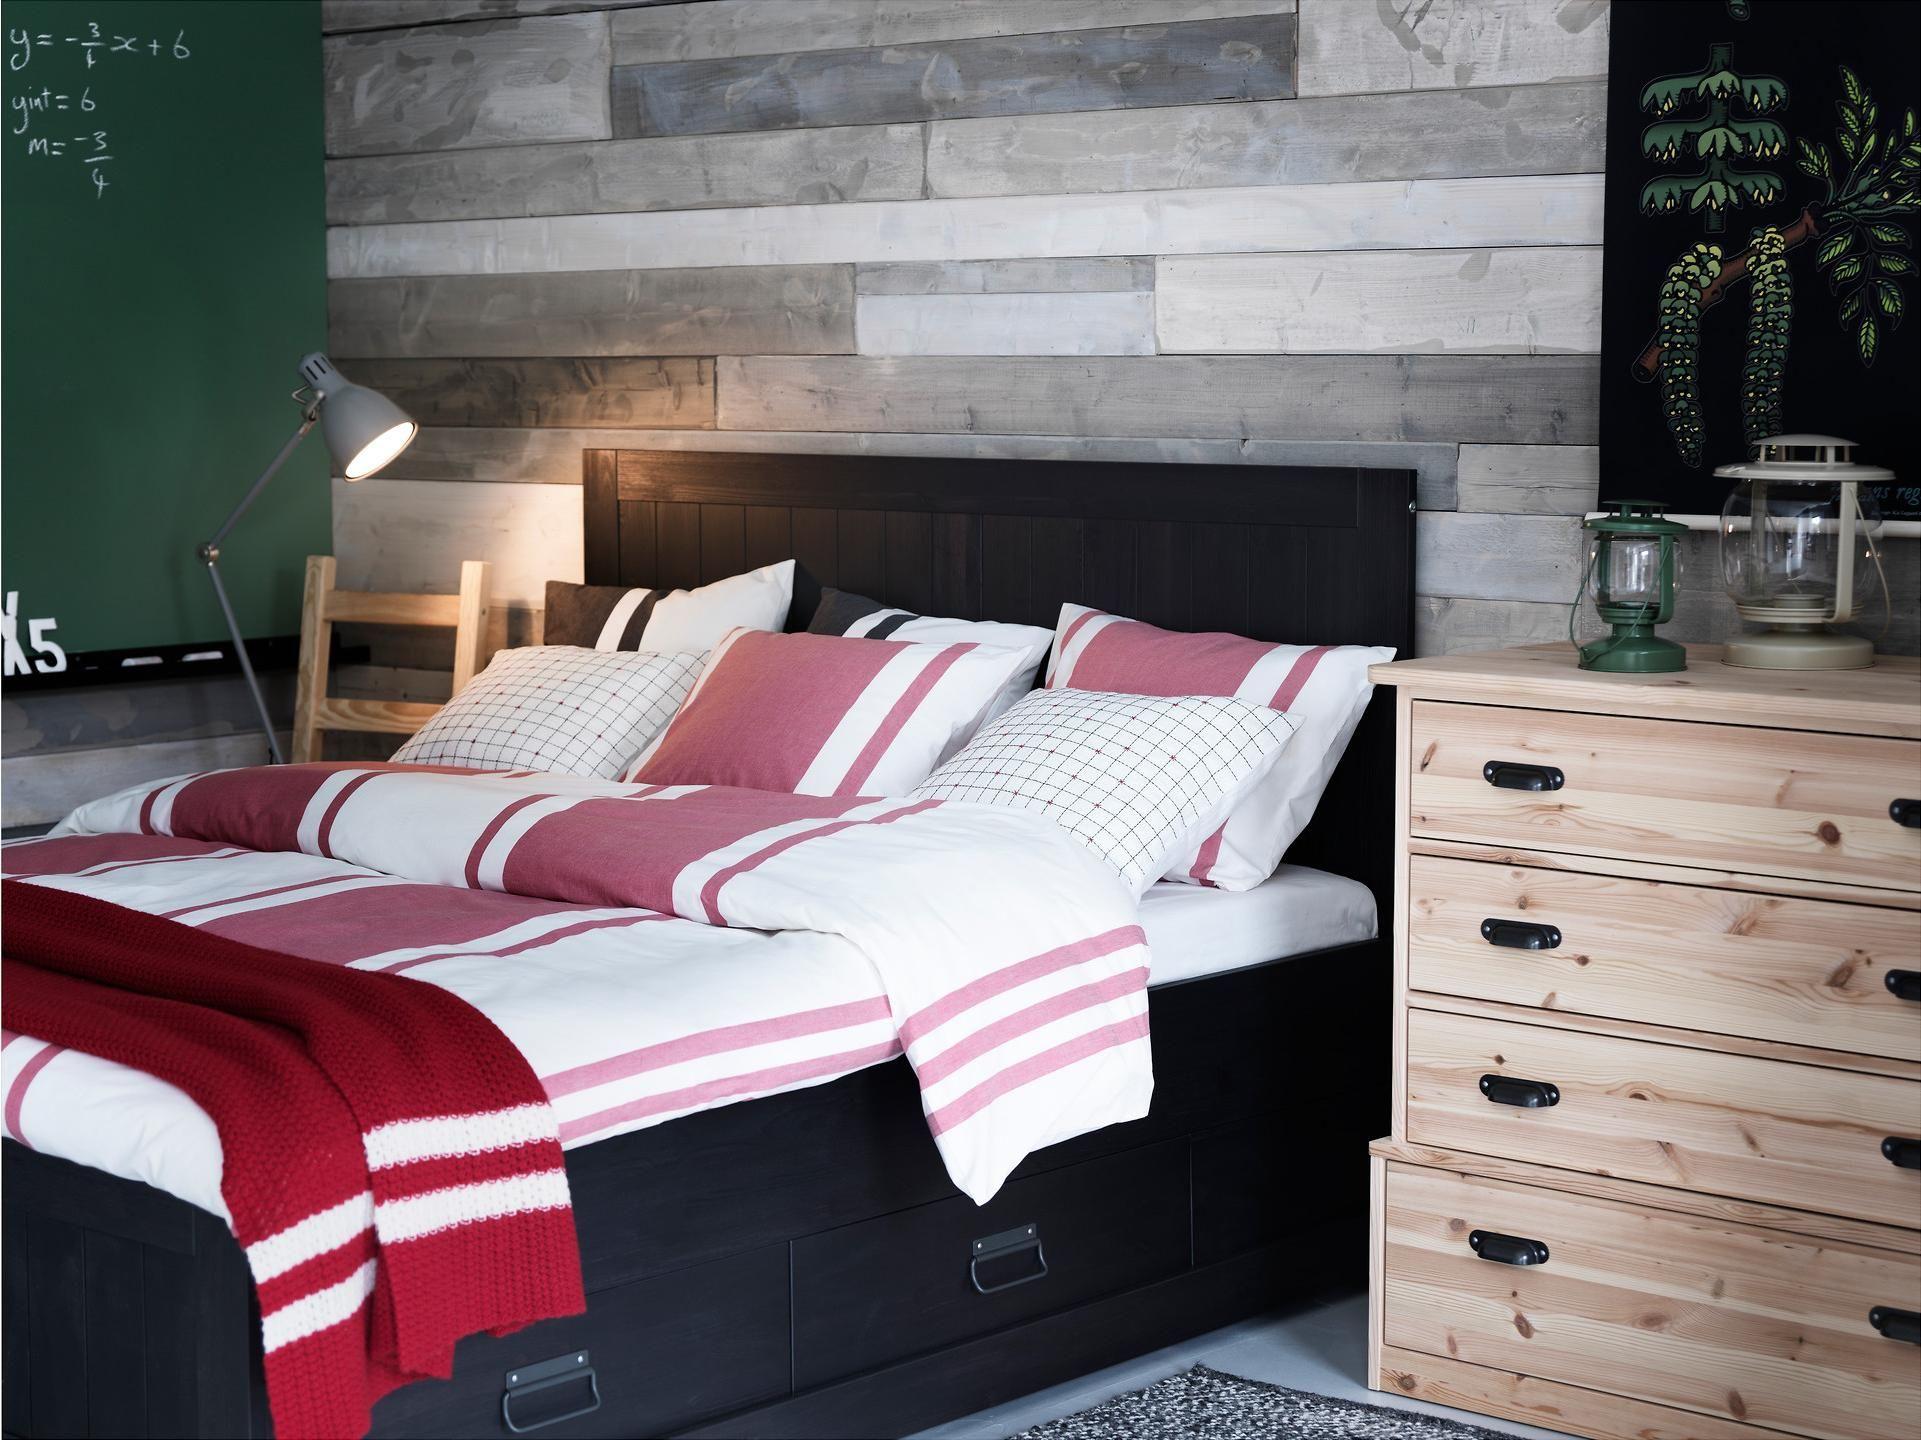 Fjell Bed Frame With Storage - Ikea Httpwwwikeacom